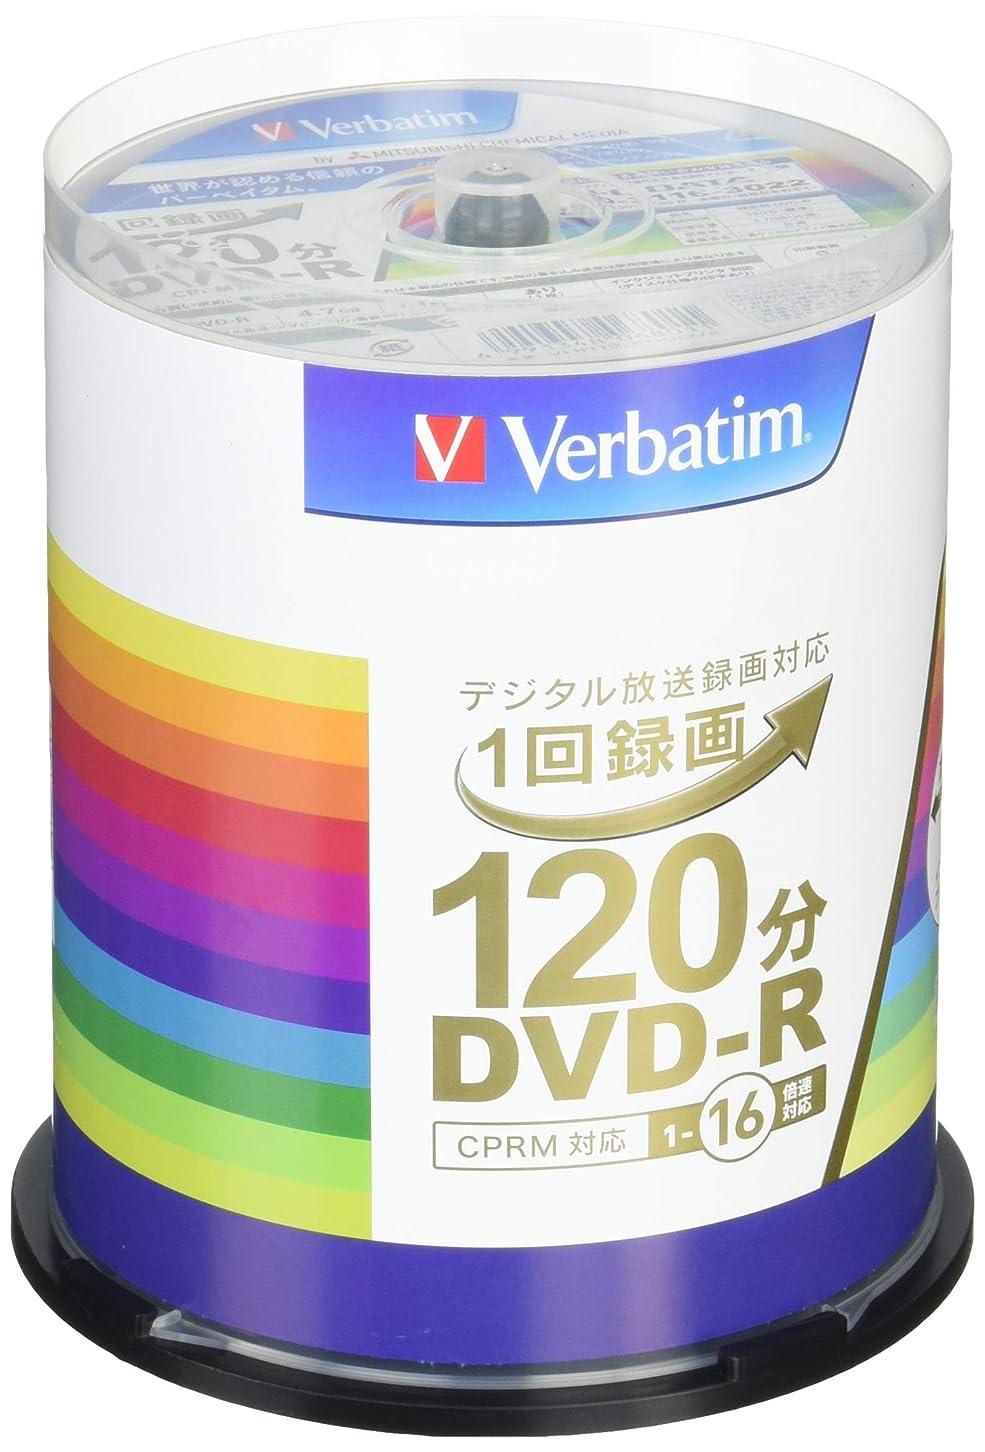 面積大胆な極めて三菱ケミカルメディア Verbatim 1回録画用DVD-R(CPRM) VHR12J50VS1 (片面1層/1-16倍速/50枚)